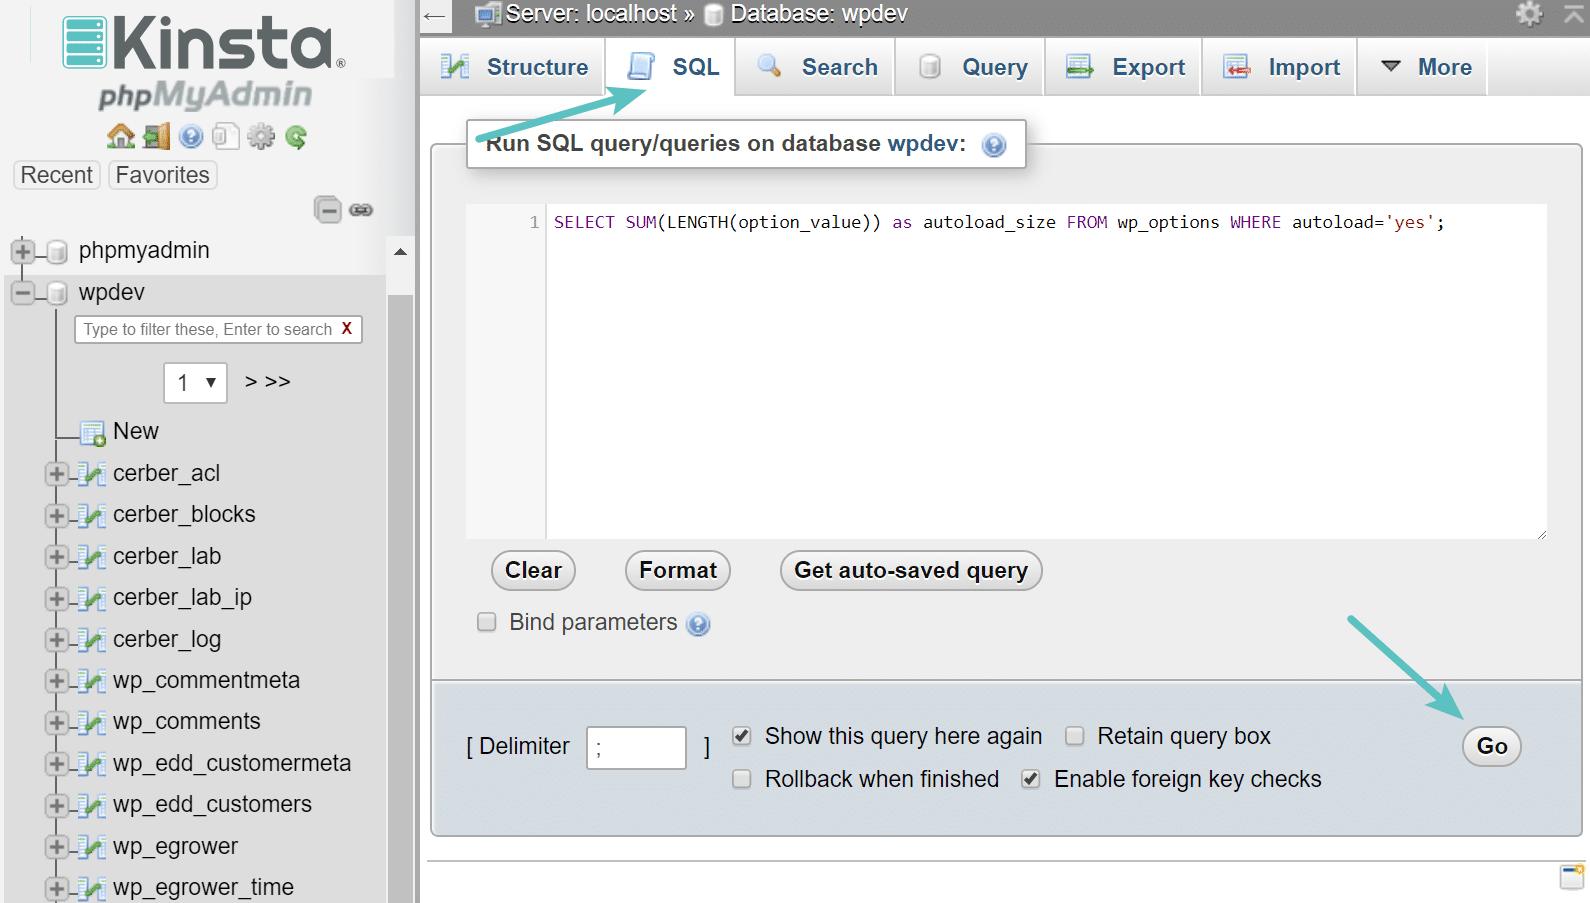 autoload grootte verzoek in phpMyAdmin